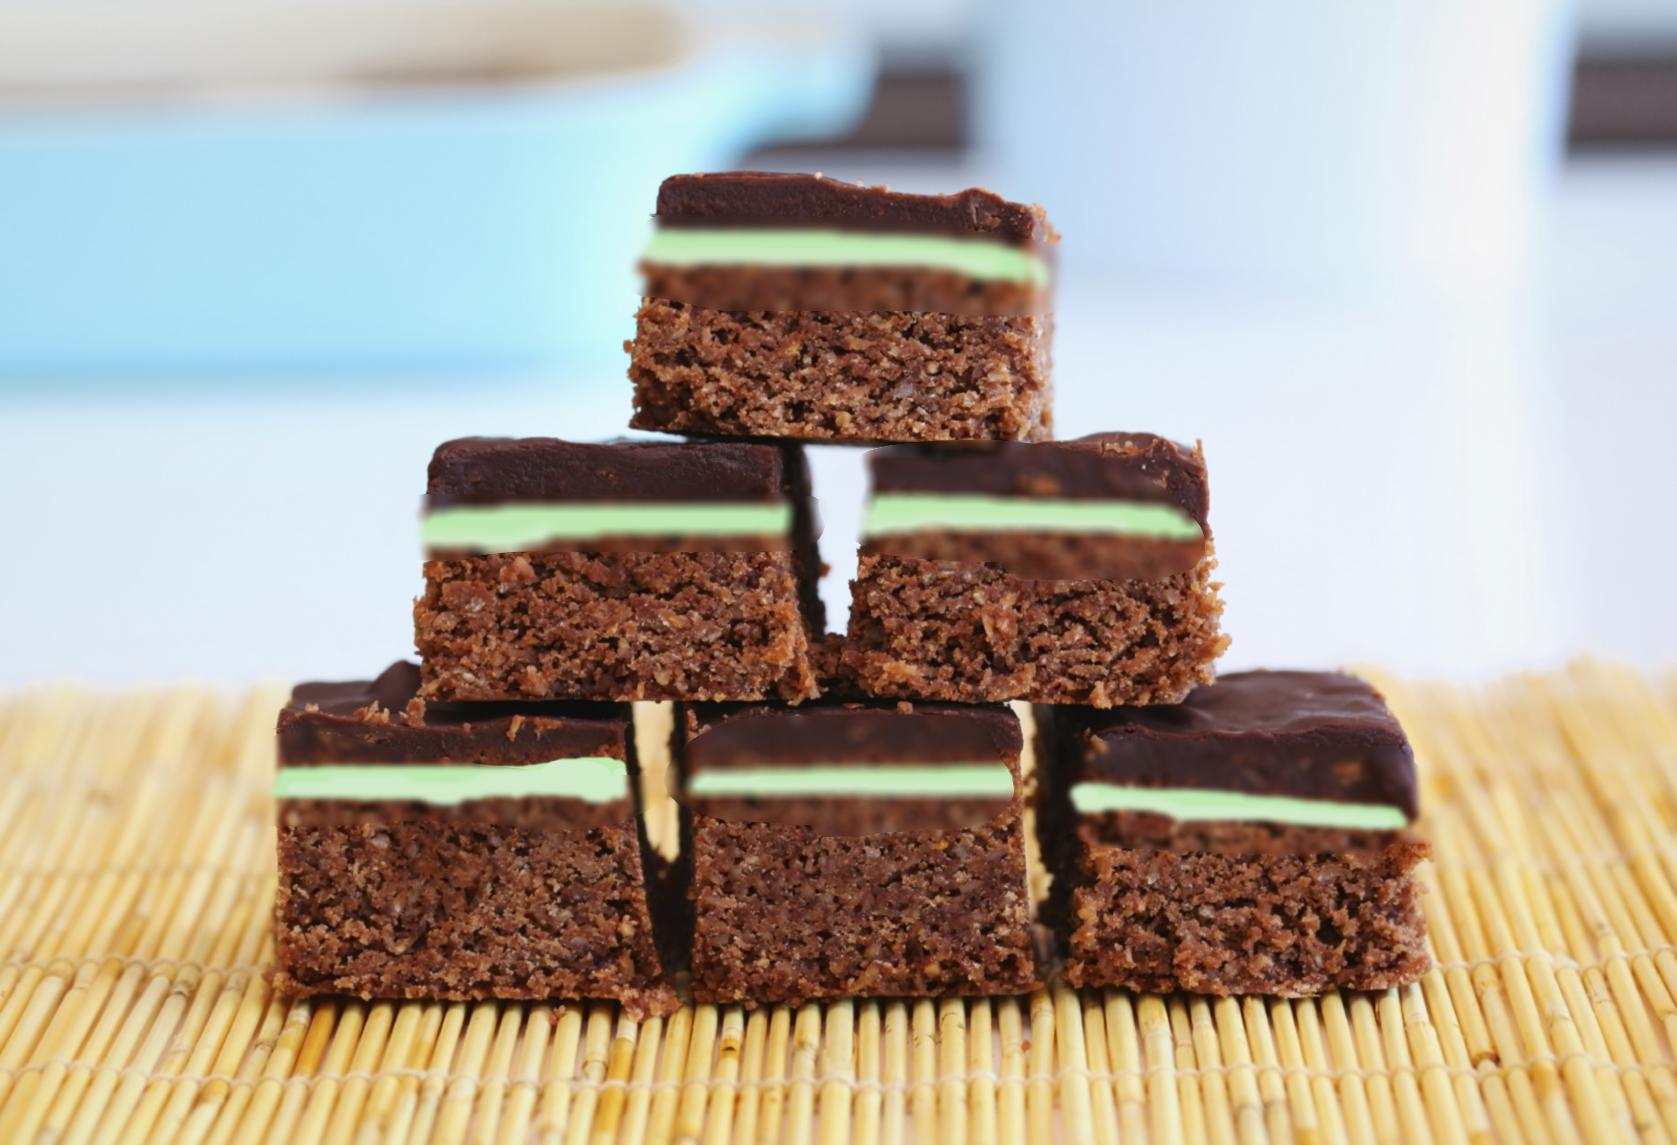 Minty brownies